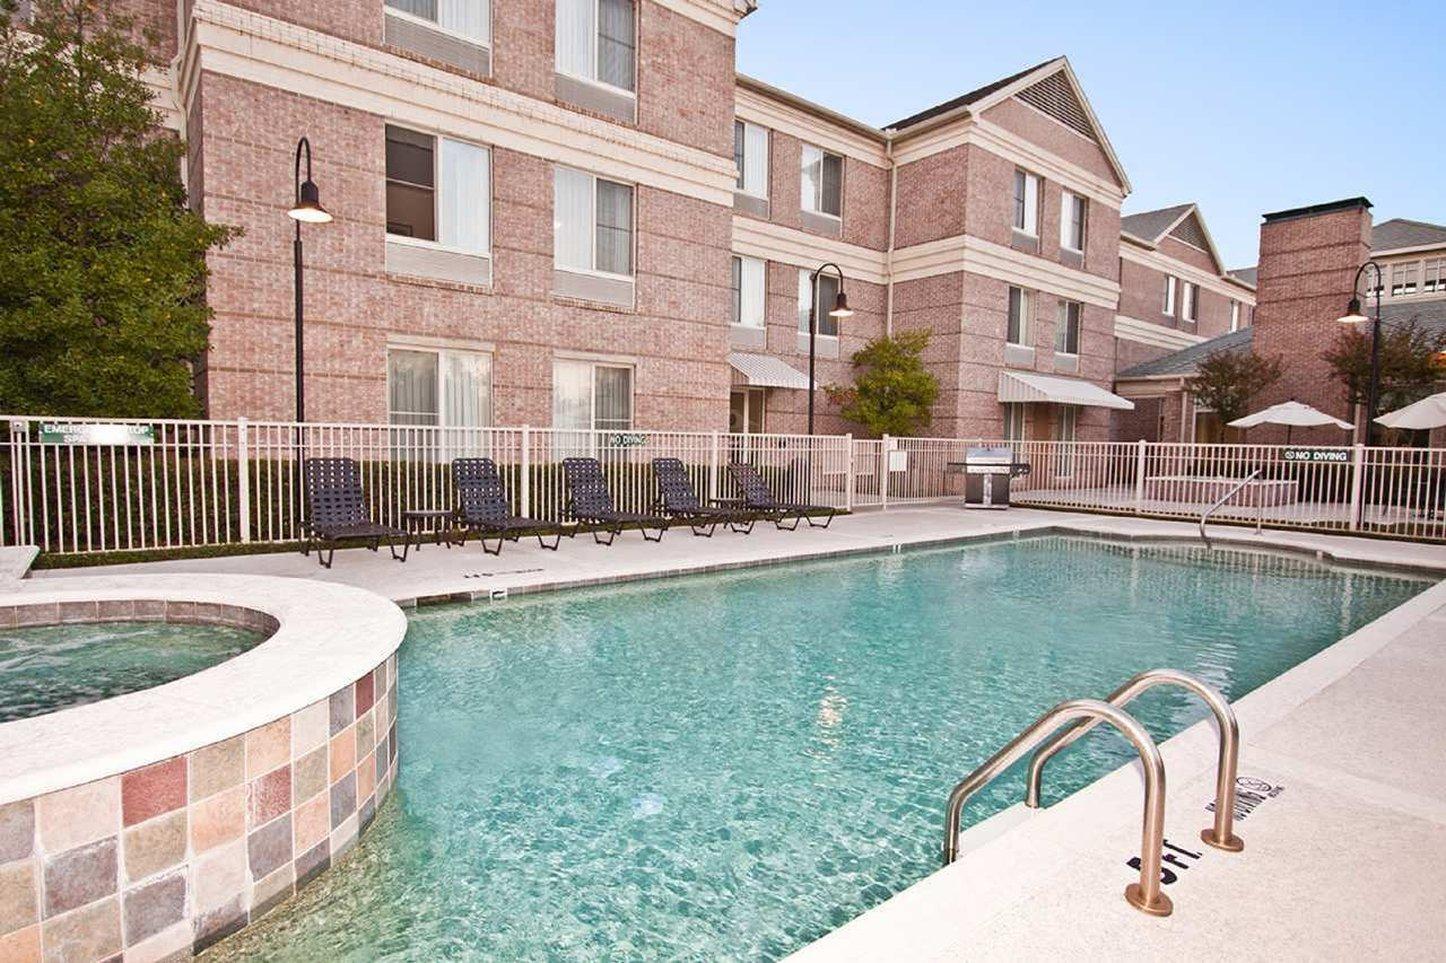 Hilton Garden Inn Dallas/Addison